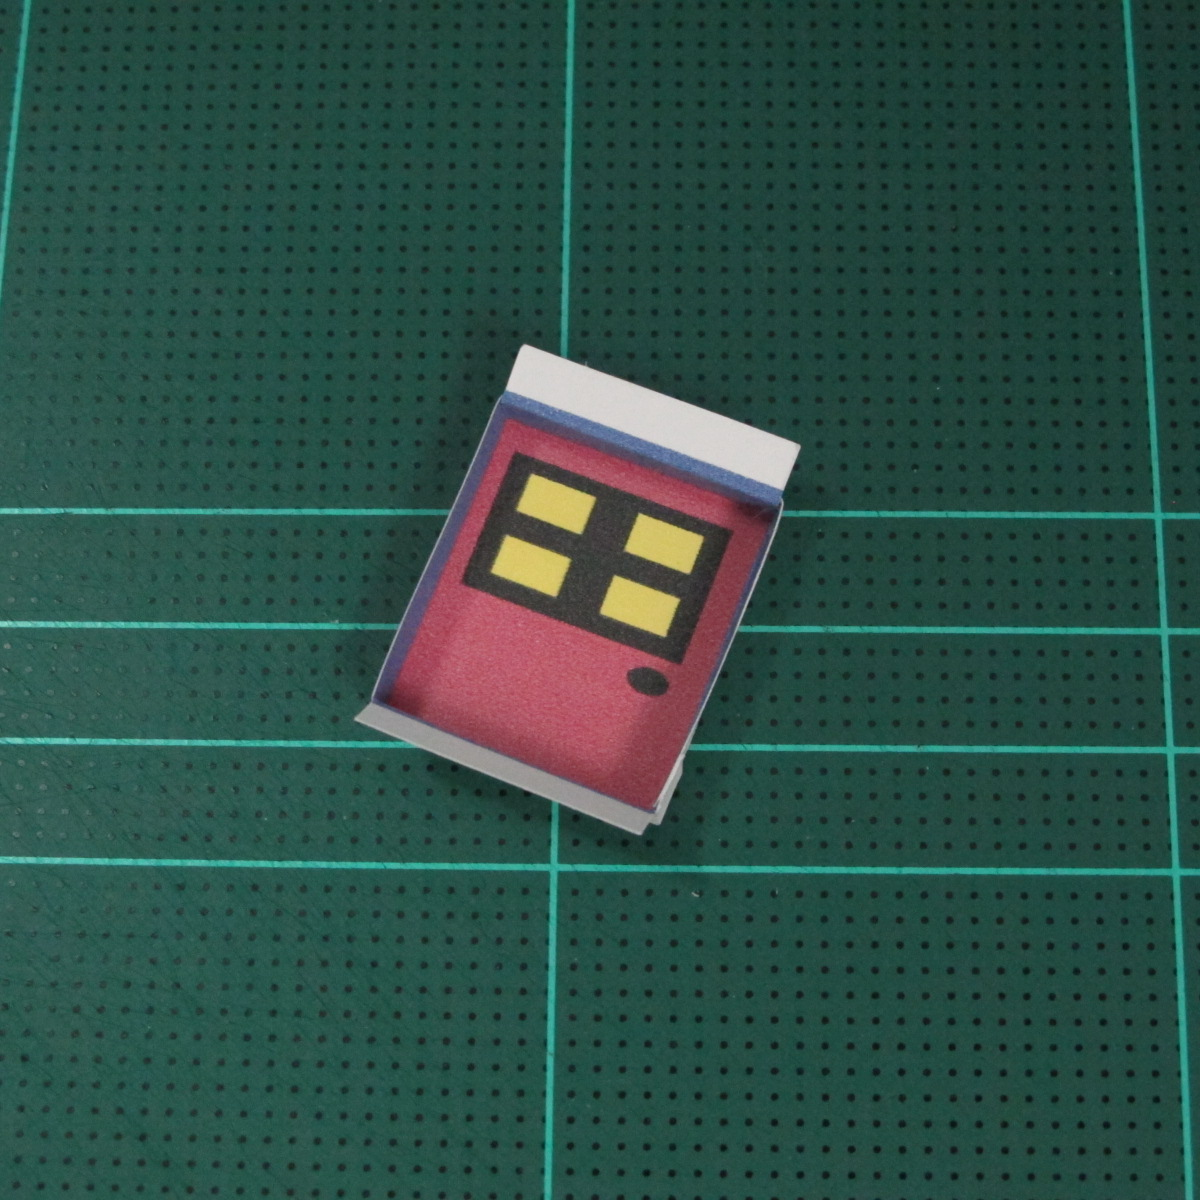 วิธีทำโมเดลกระดาษเป็นรูปบ้าน (Little House Papercraft Model) 005